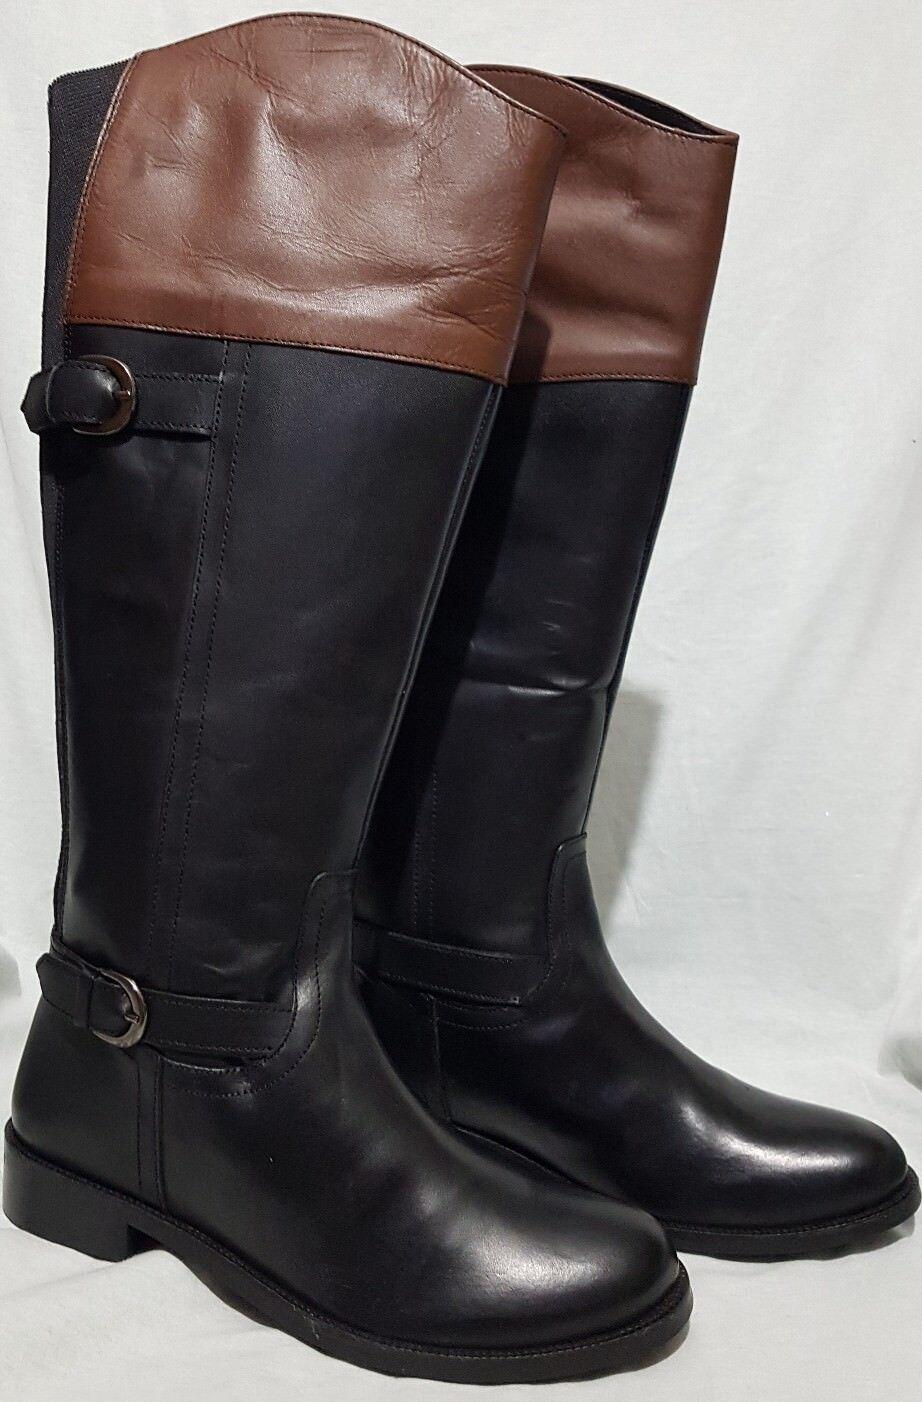 Da Donna in Pelle REDFOOT Equitazione Stivali Stile-Nero/Marrone